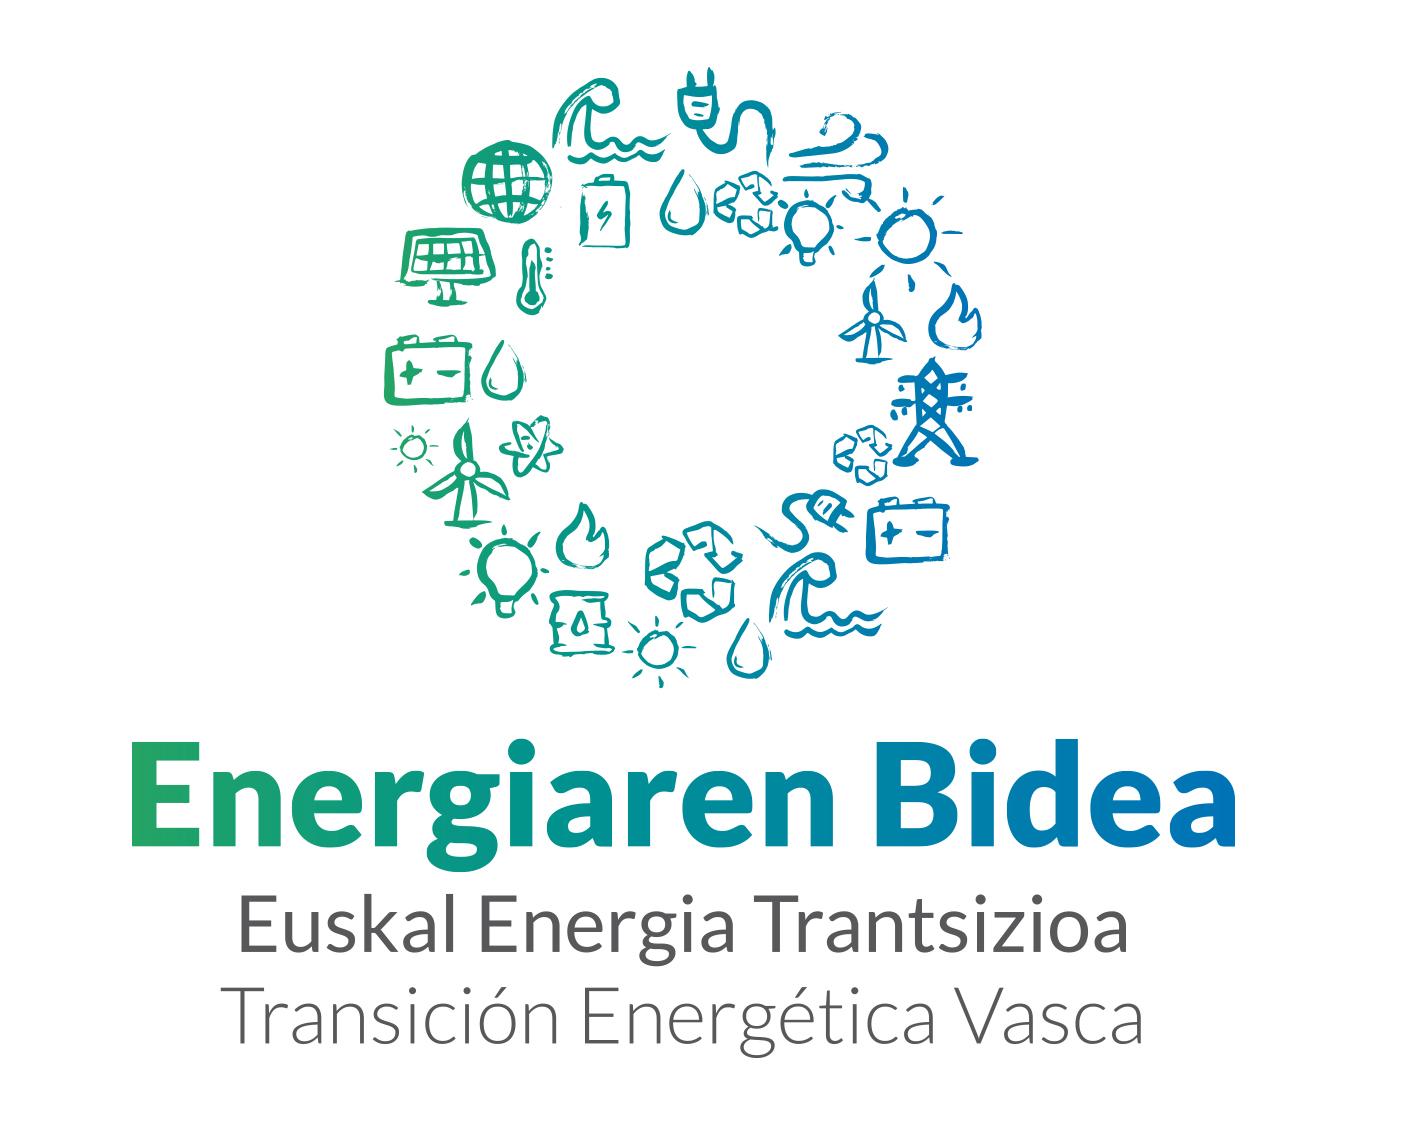 Energiaren_bidea_vertical.jpg